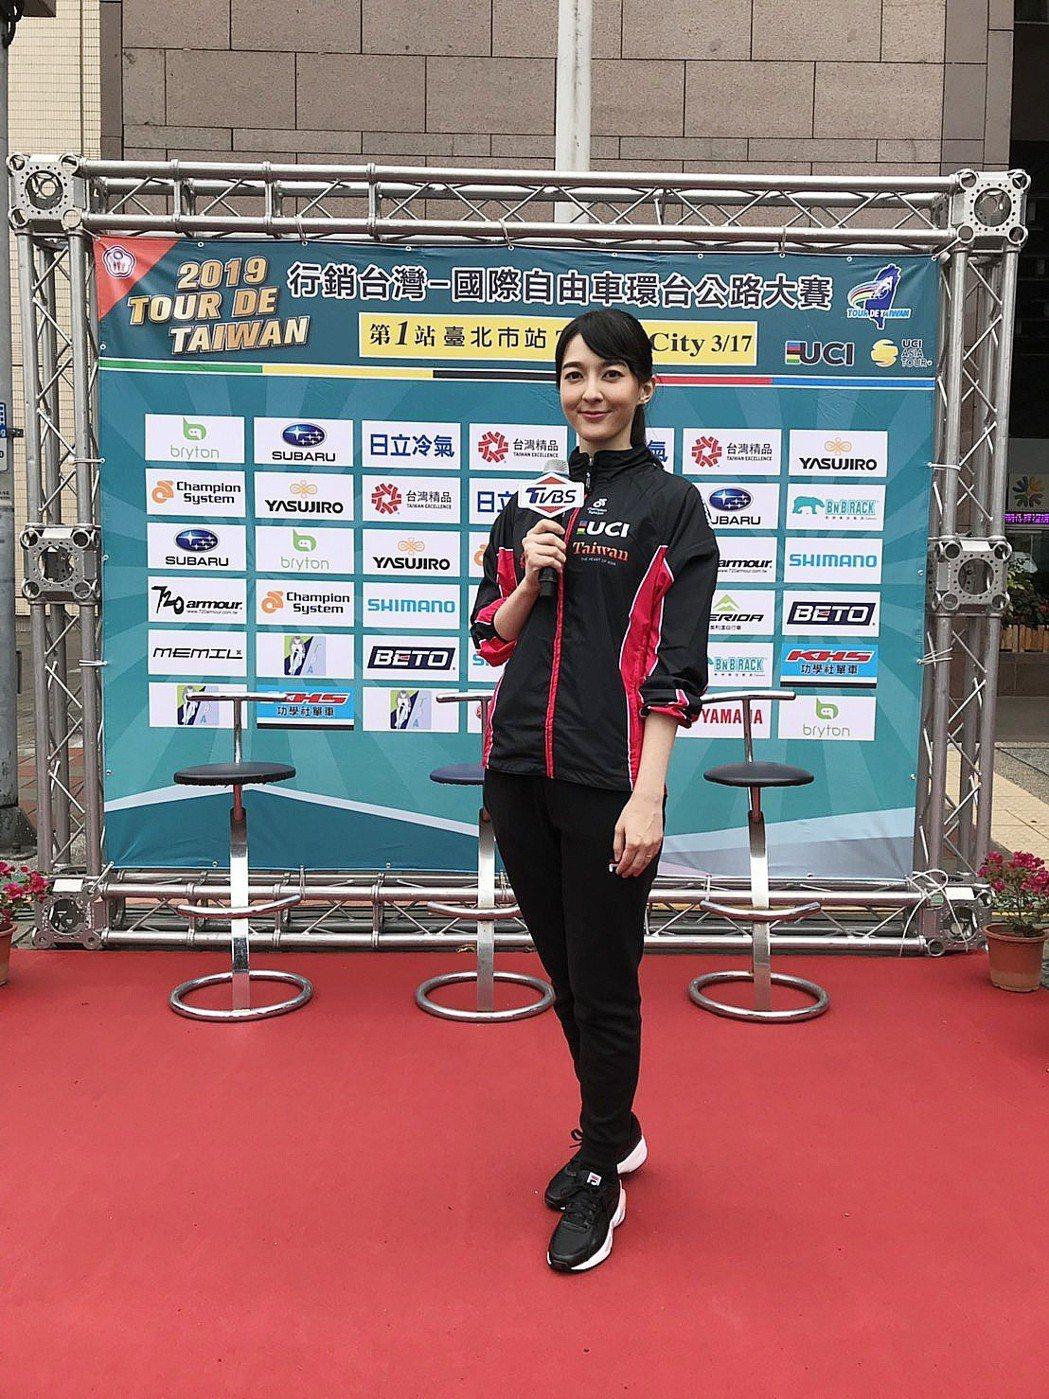 大眼甜心馬杰堯今年受邀擔任TVBS「國際自由車環台公路大賽」主持人。圖/TVBS